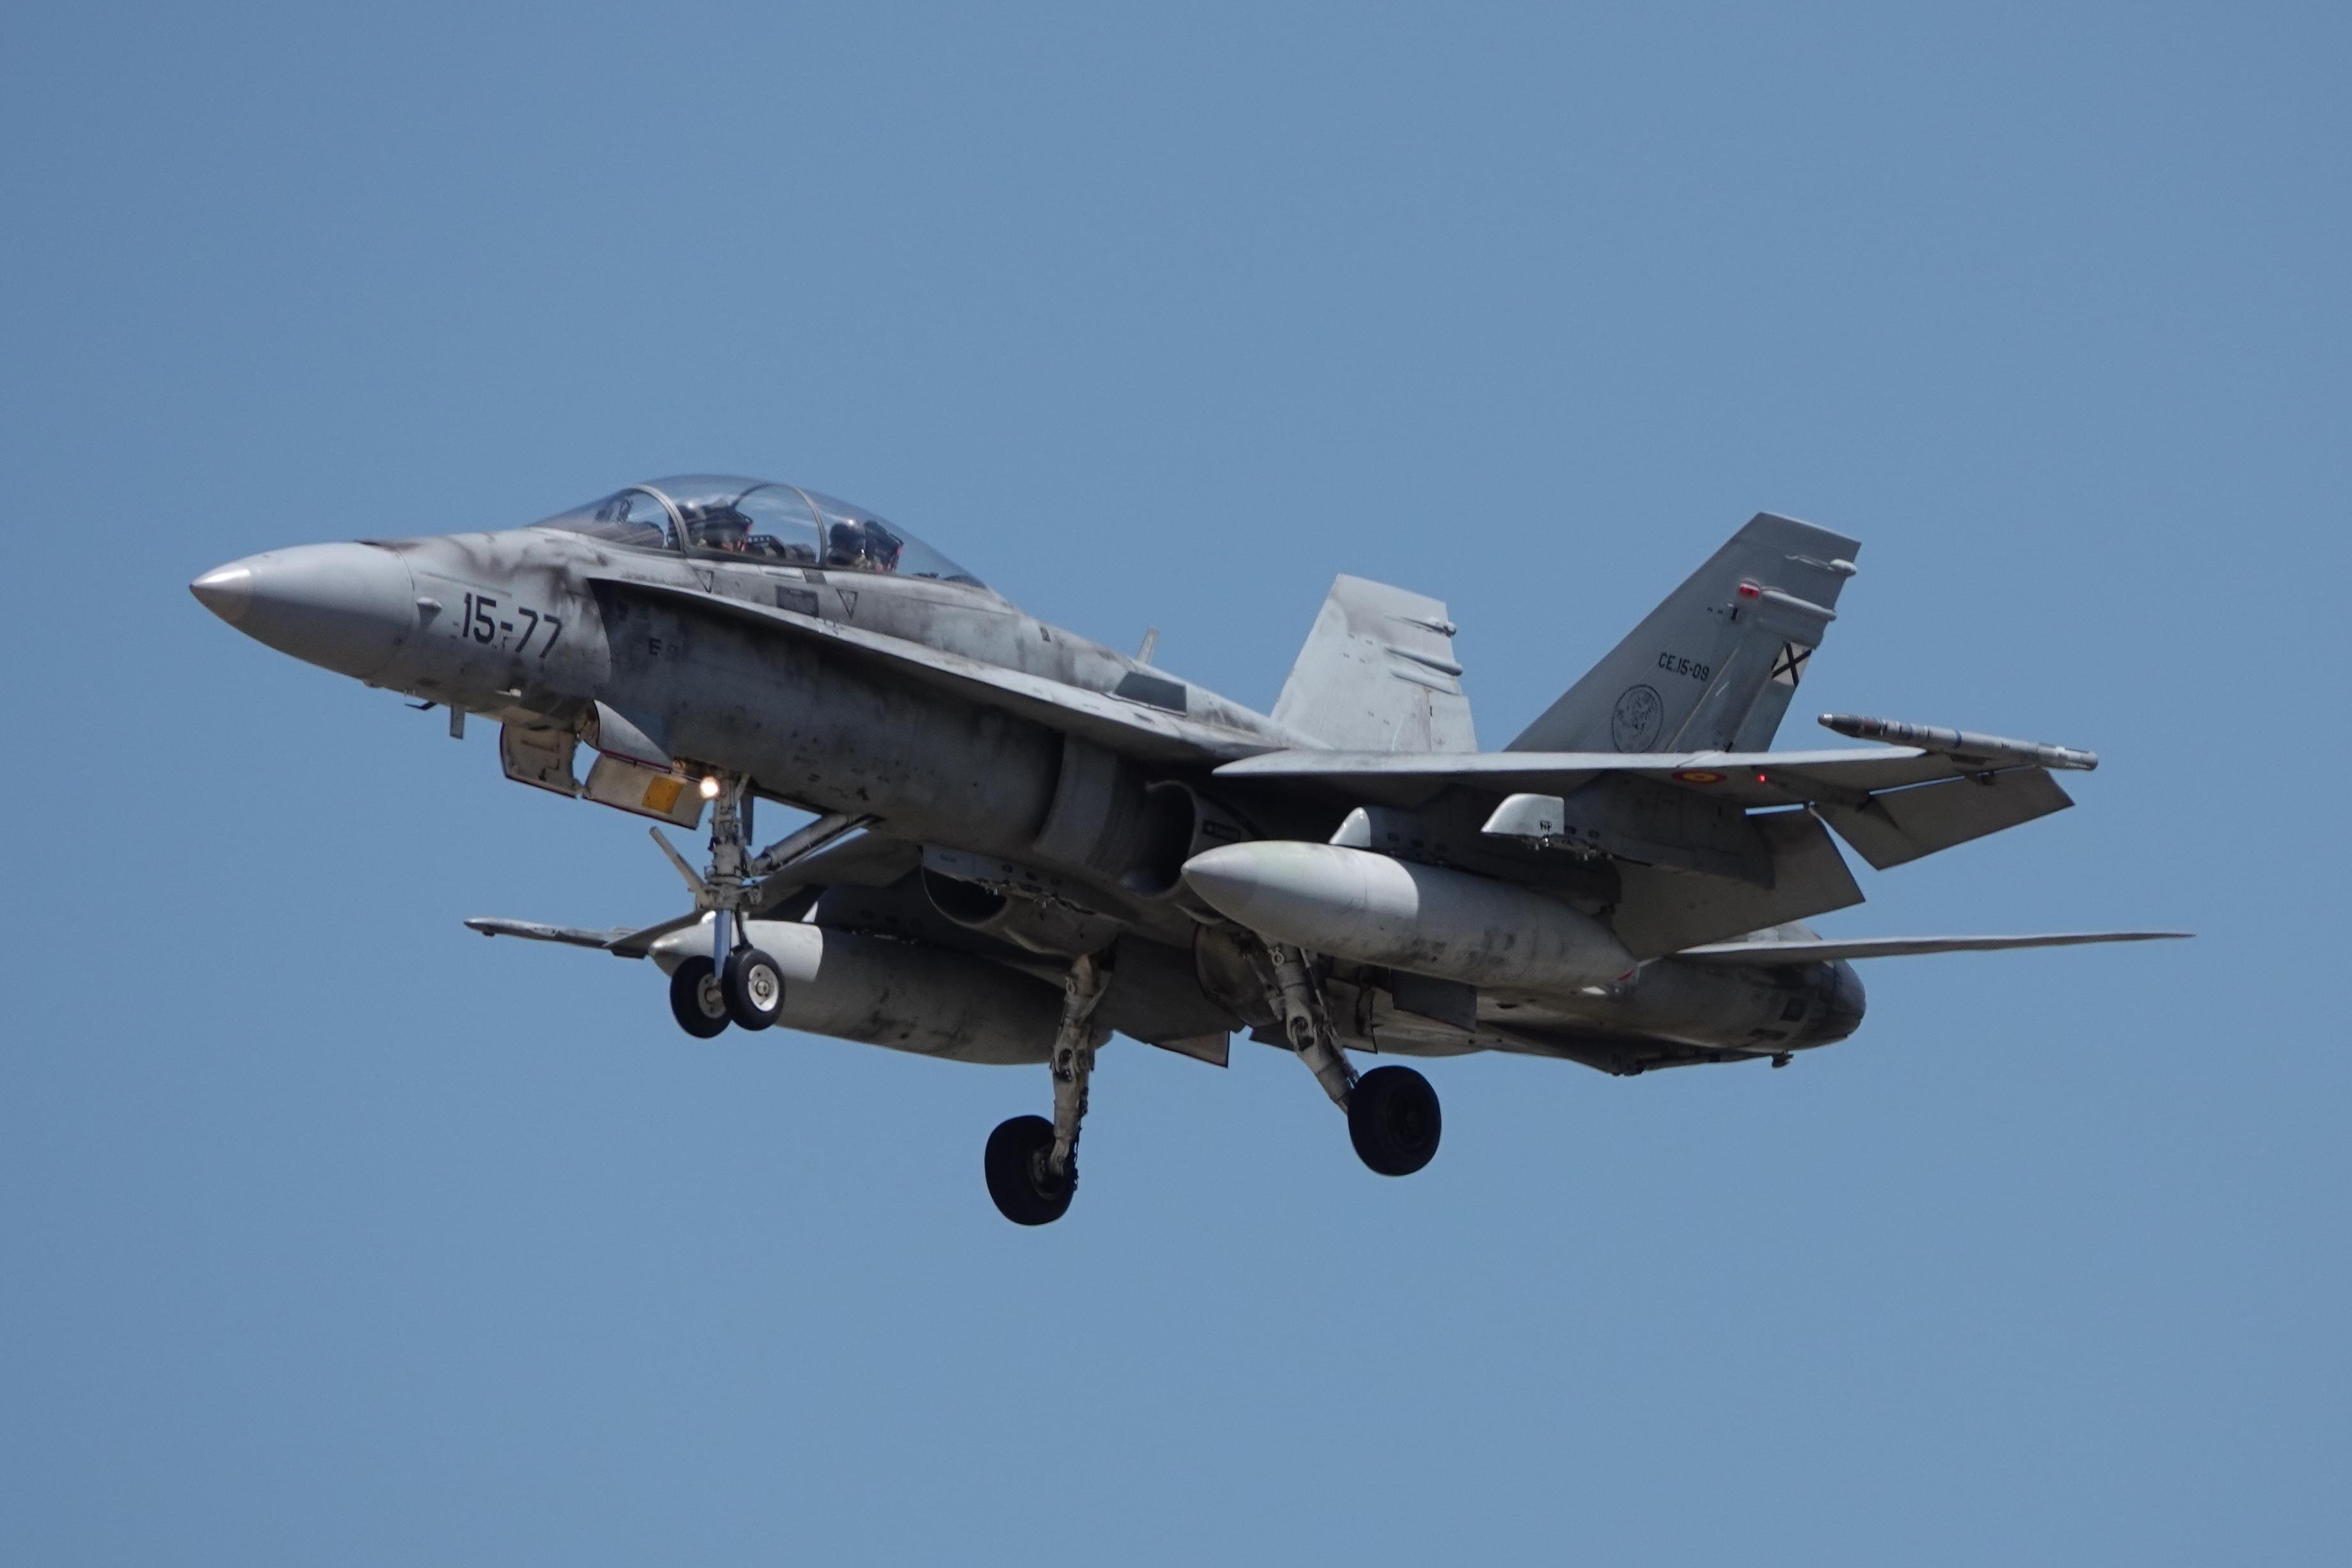 F-18 15-77 ALA15